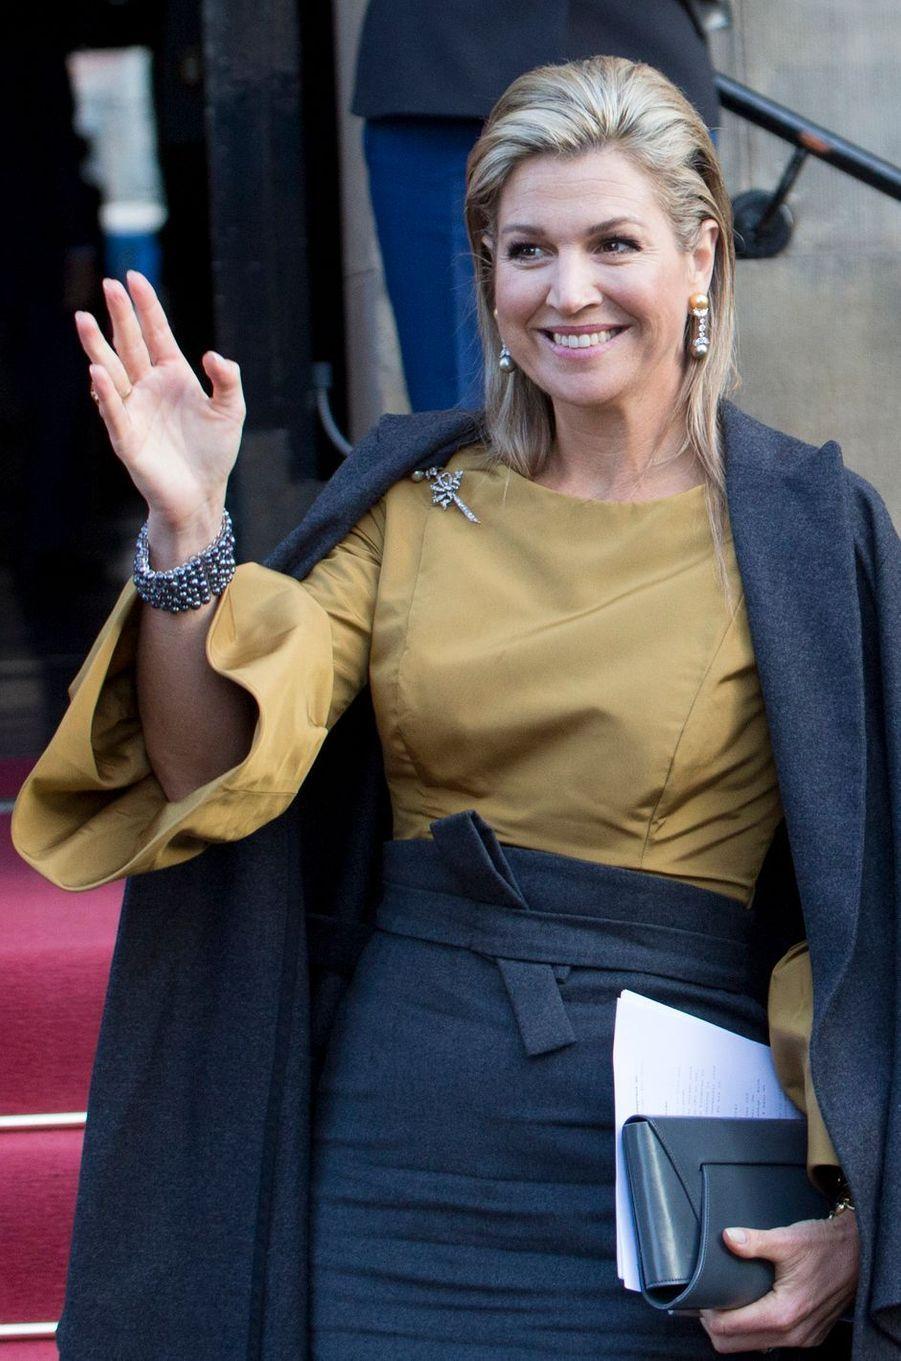 La reine Maxima des Pays-Bas fait sa rentrée 2017 à Amsterdam, le 17 janvier 2017